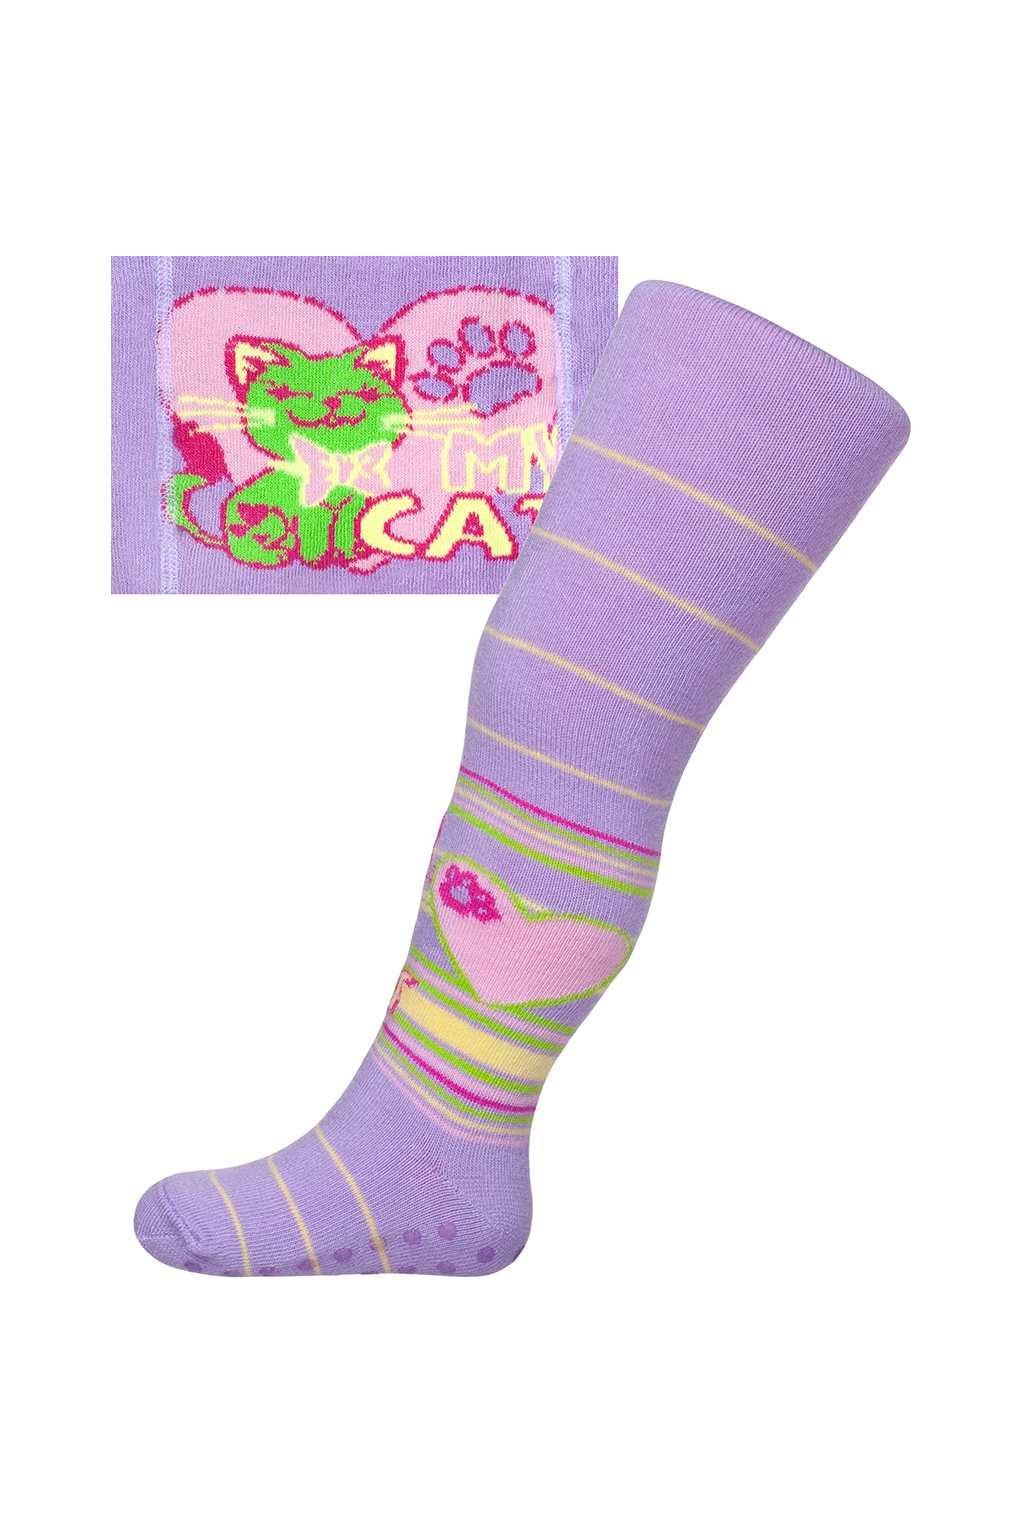 Bavlnené pančucháčky New Baby s ABS fialové my cat